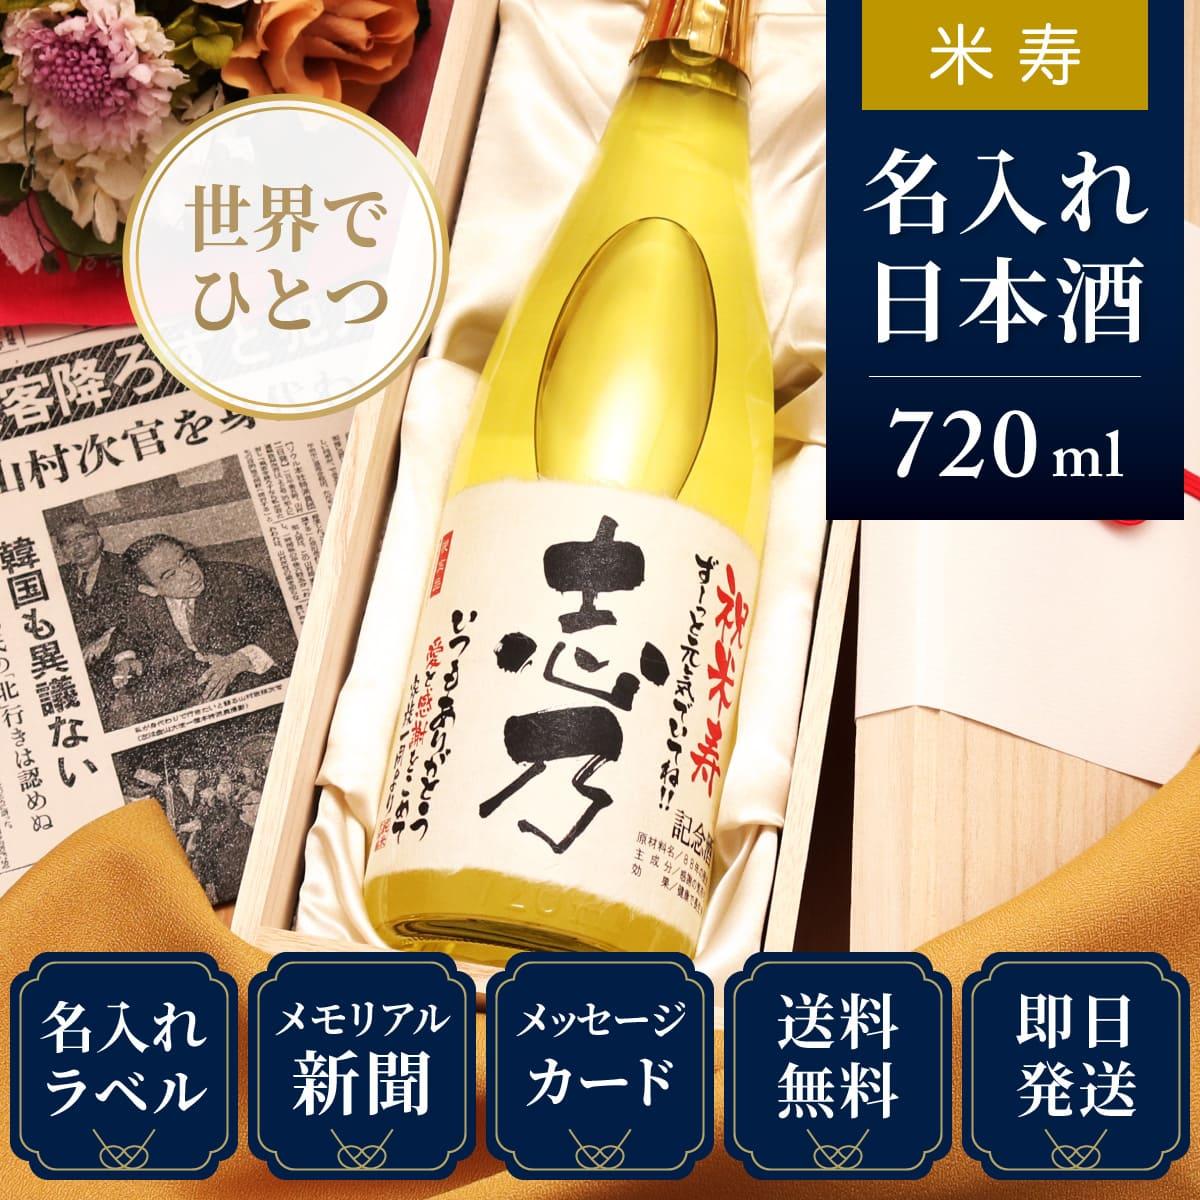 米寿祝いプレゼント|記念日の新聞付き名入れ「巴月」720ml(日本酒)